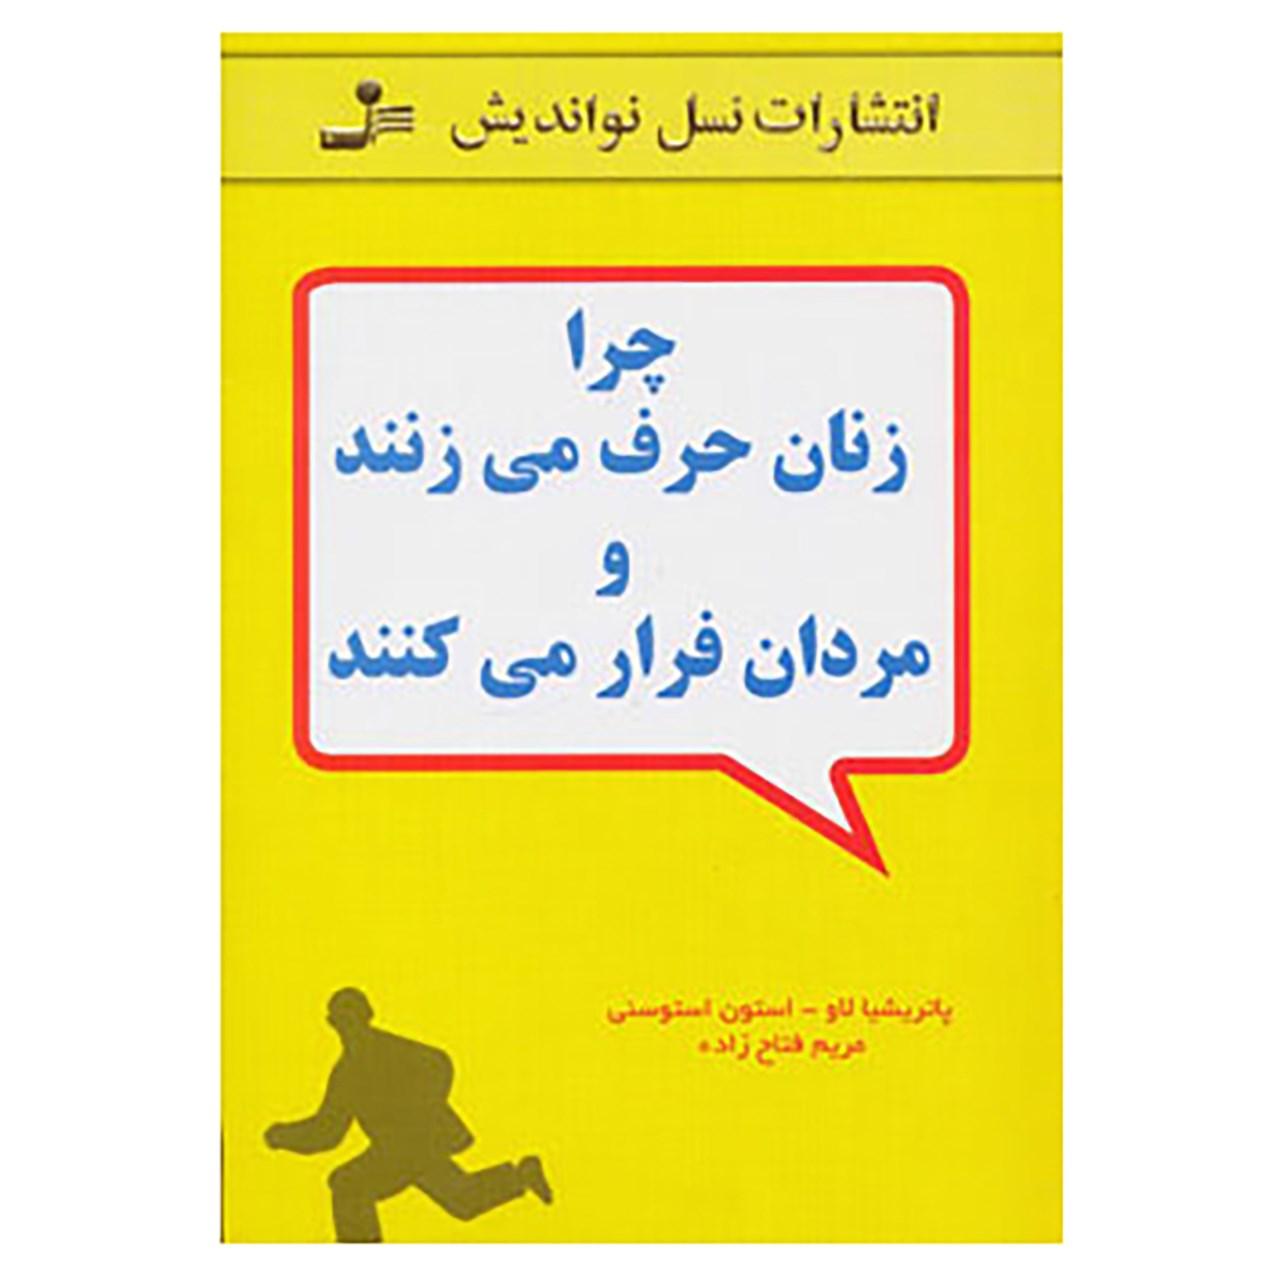 کتاب چرا زنان حرف می زنند و مردان فرار می کنند اثر پاتریشیا لاو،استون استوسنی